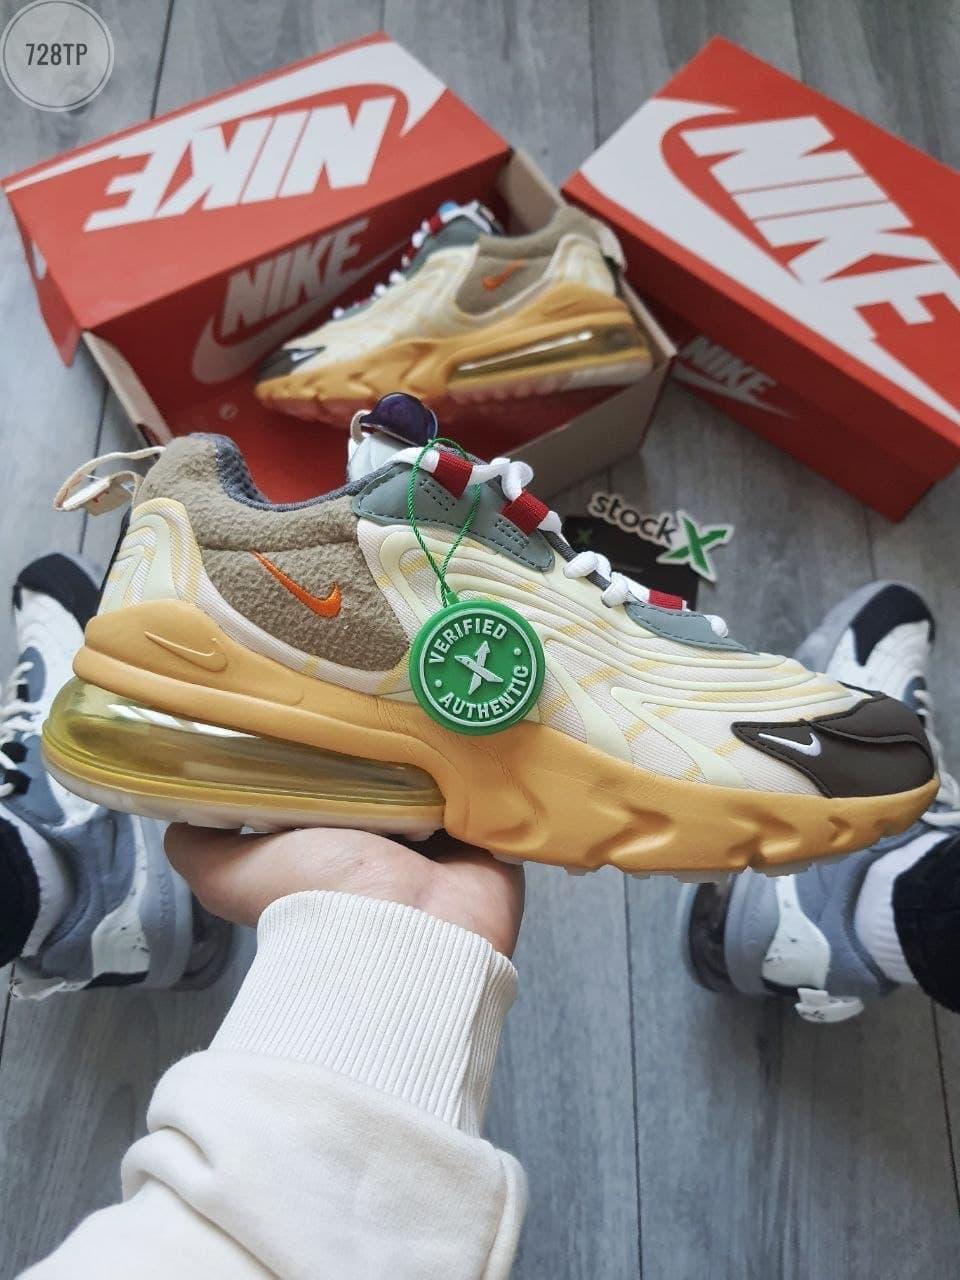 Мужские кроссовки Nike x Travis Scott Air Max 270 (разноцветные) 728TP модные молодежные кроссы